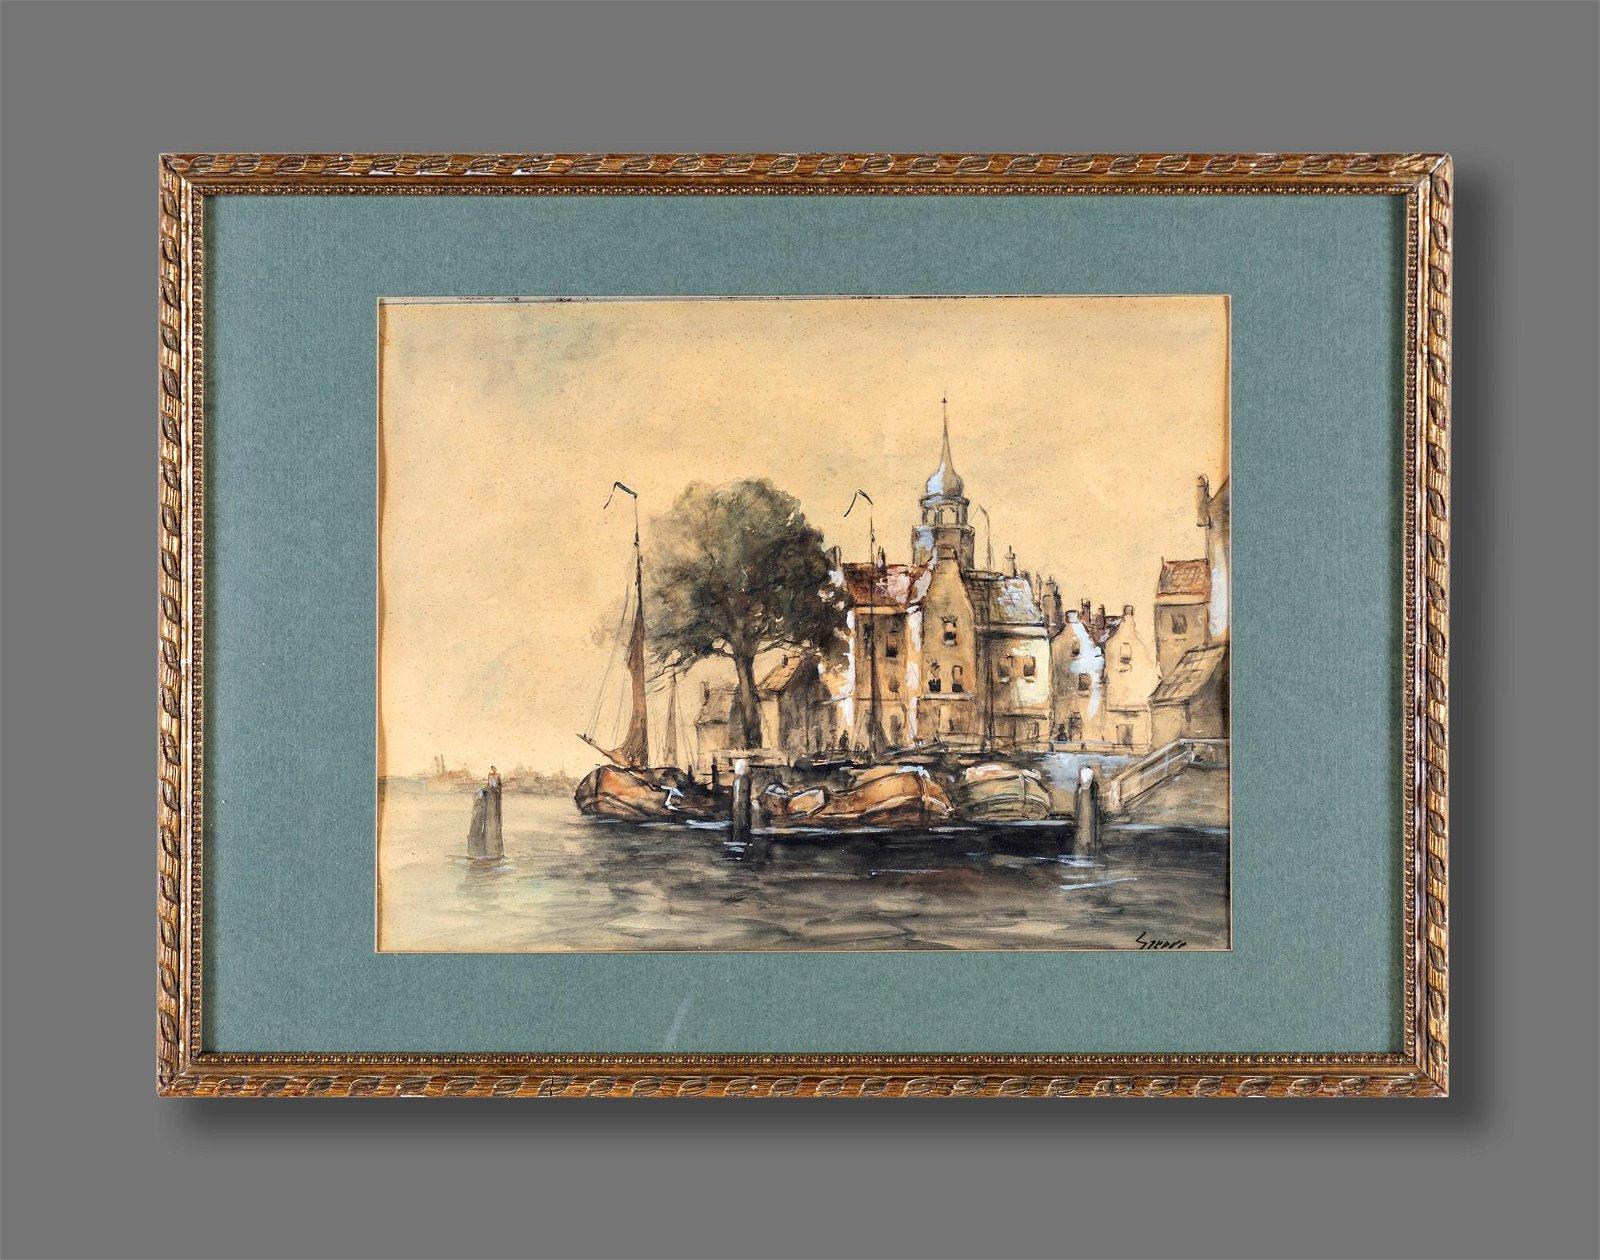 Scuola Inglese del XIX Secolo View of Amsterdam